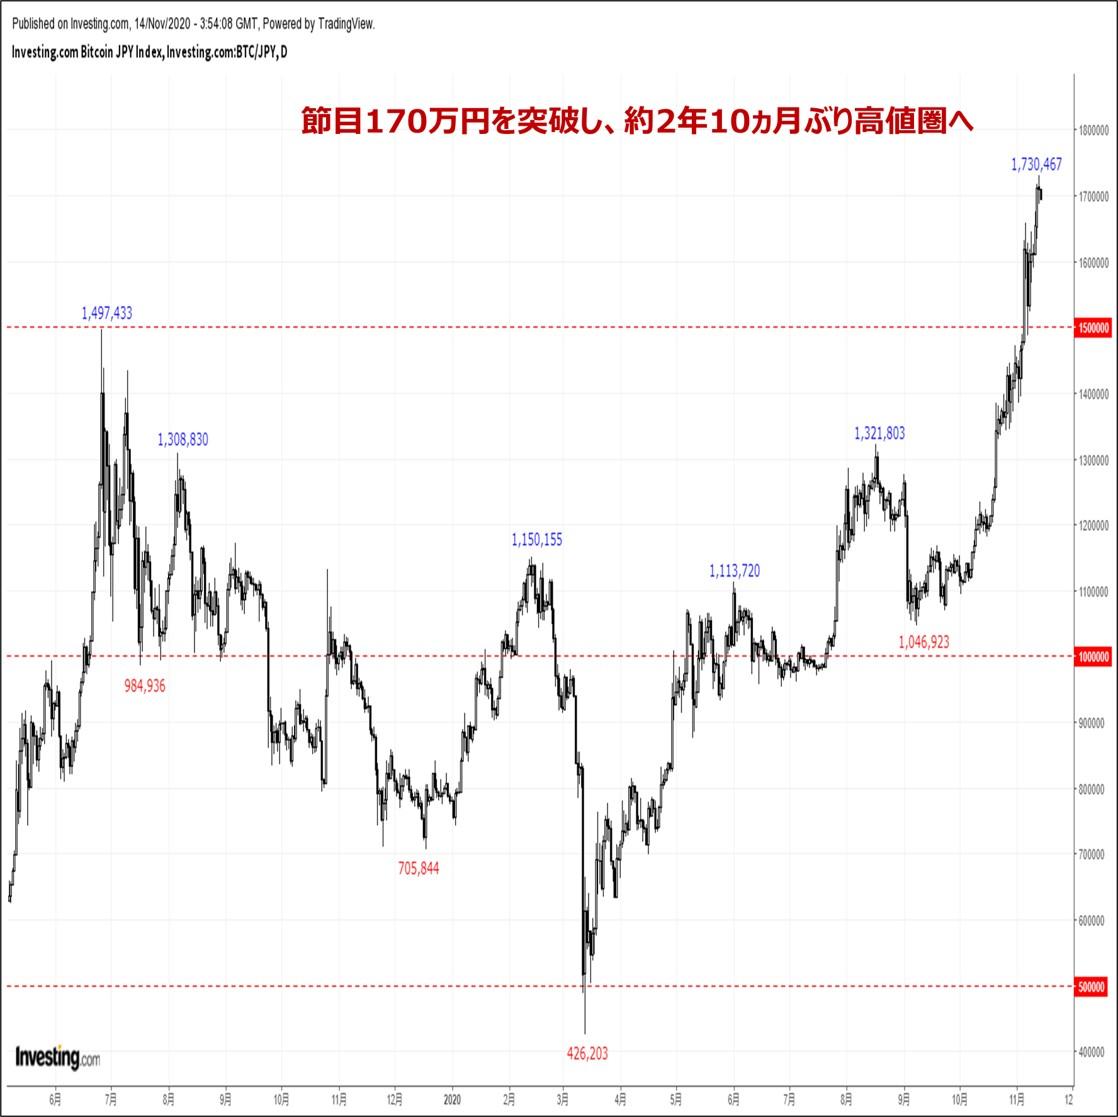 ビットコインの価格分析:『止まらないビットコイン相場。心理的節目170万円も難なく突破』11/15